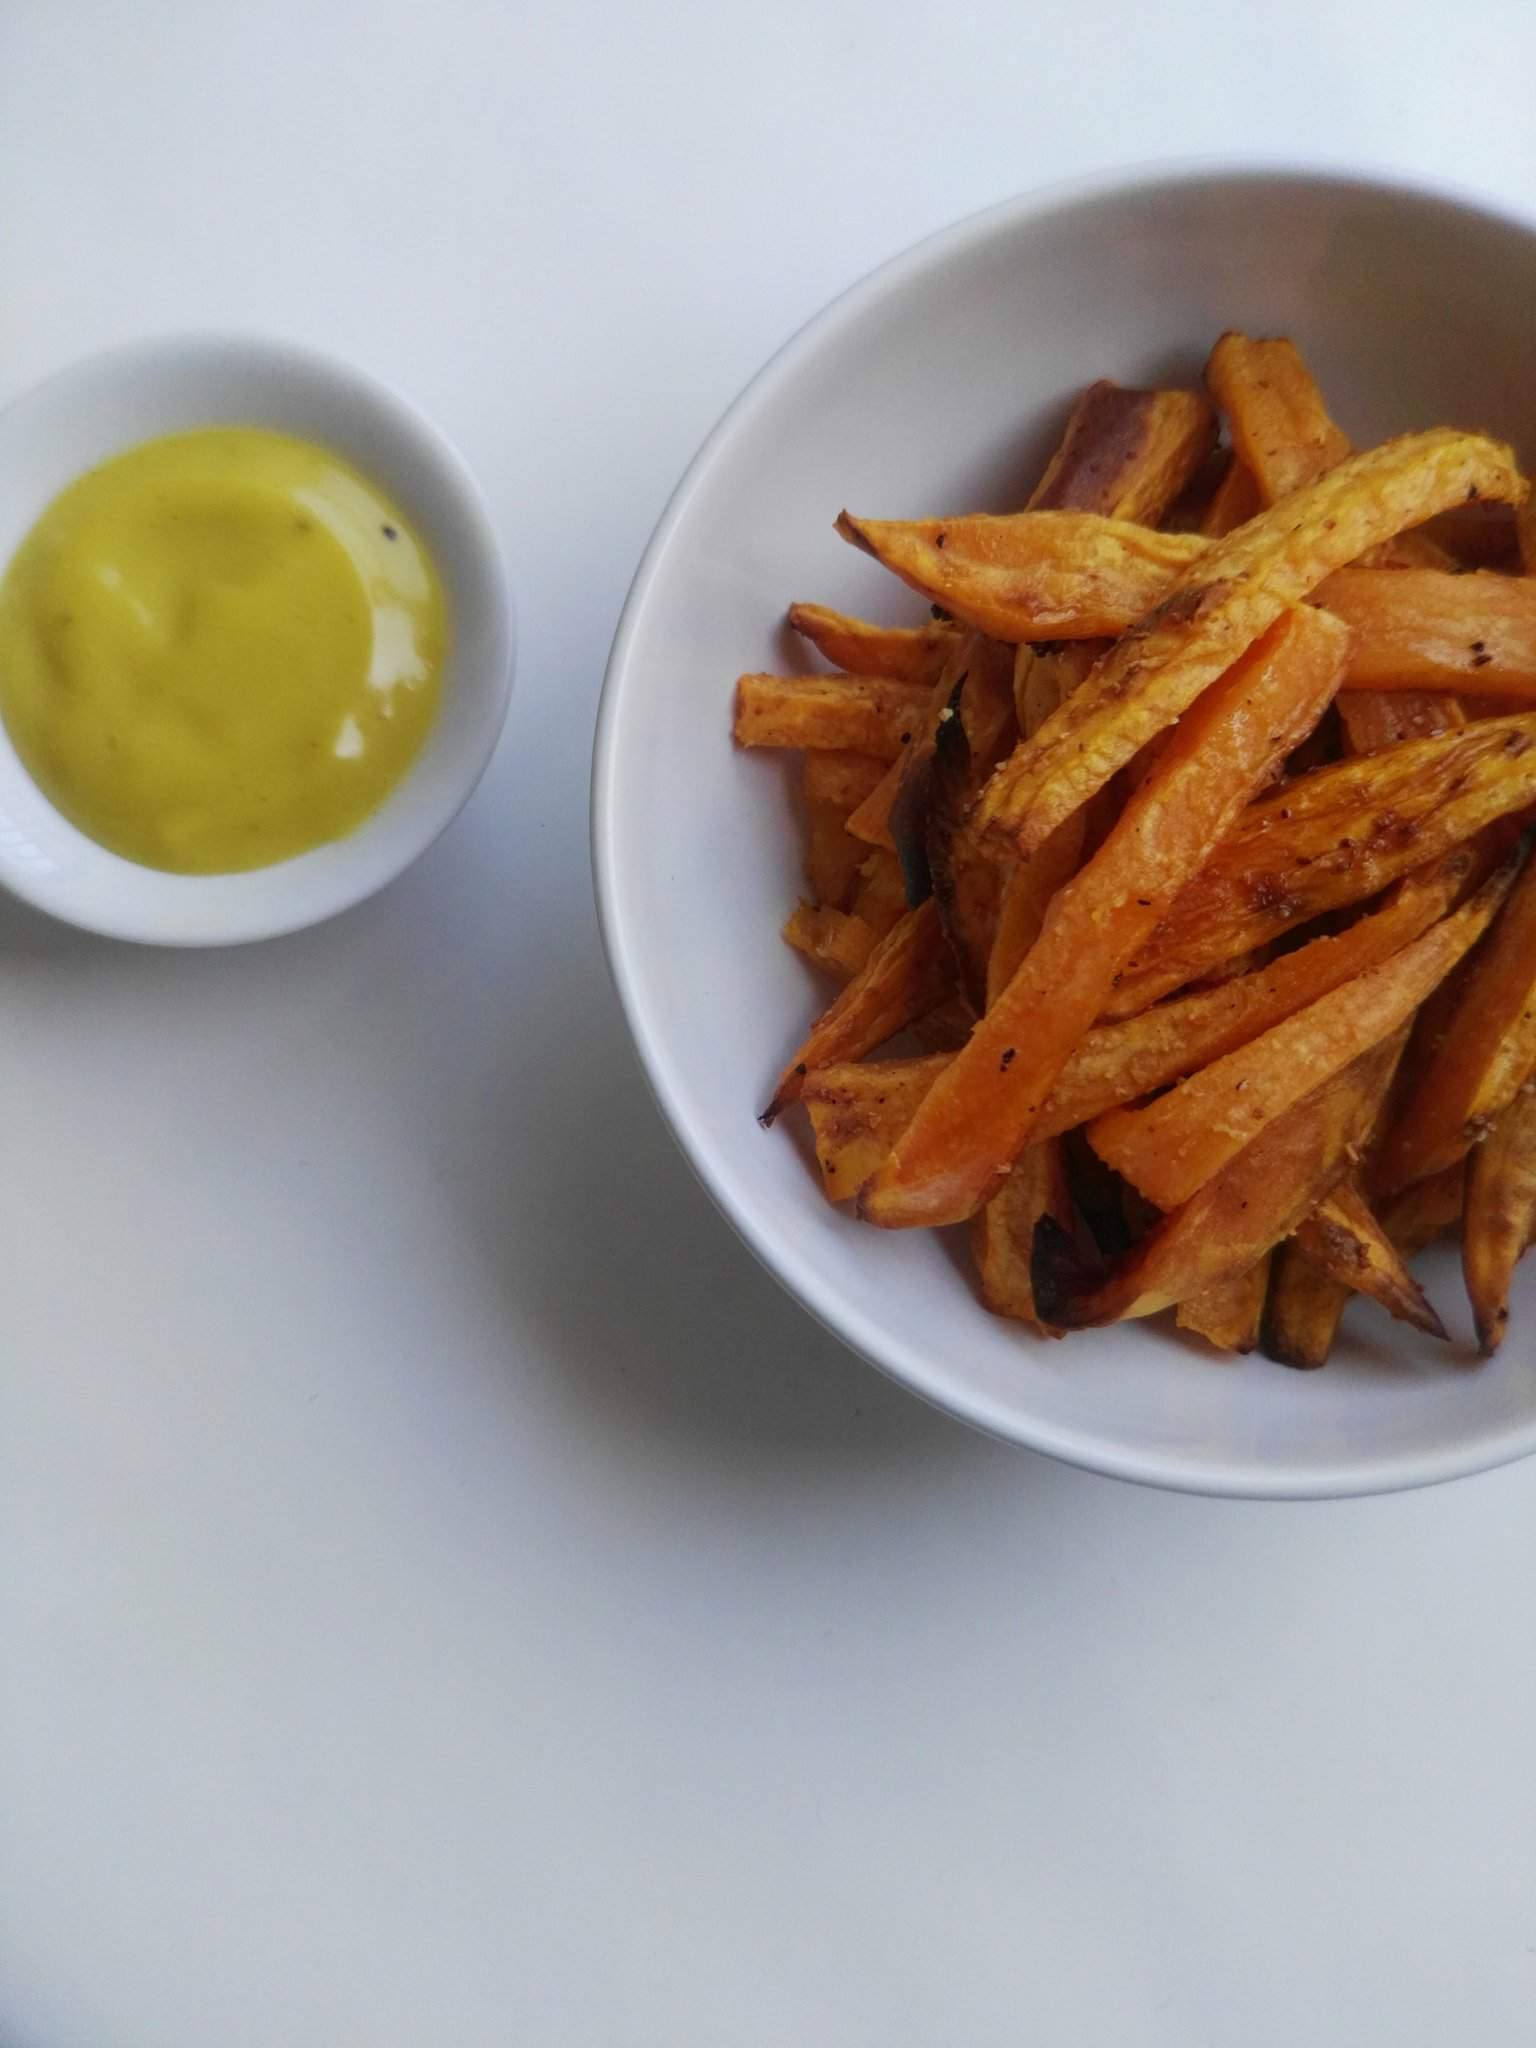 recette de frites de patates douces bon appetit le blog. Black Bedroom Furniture Sets. Home Design Ideas